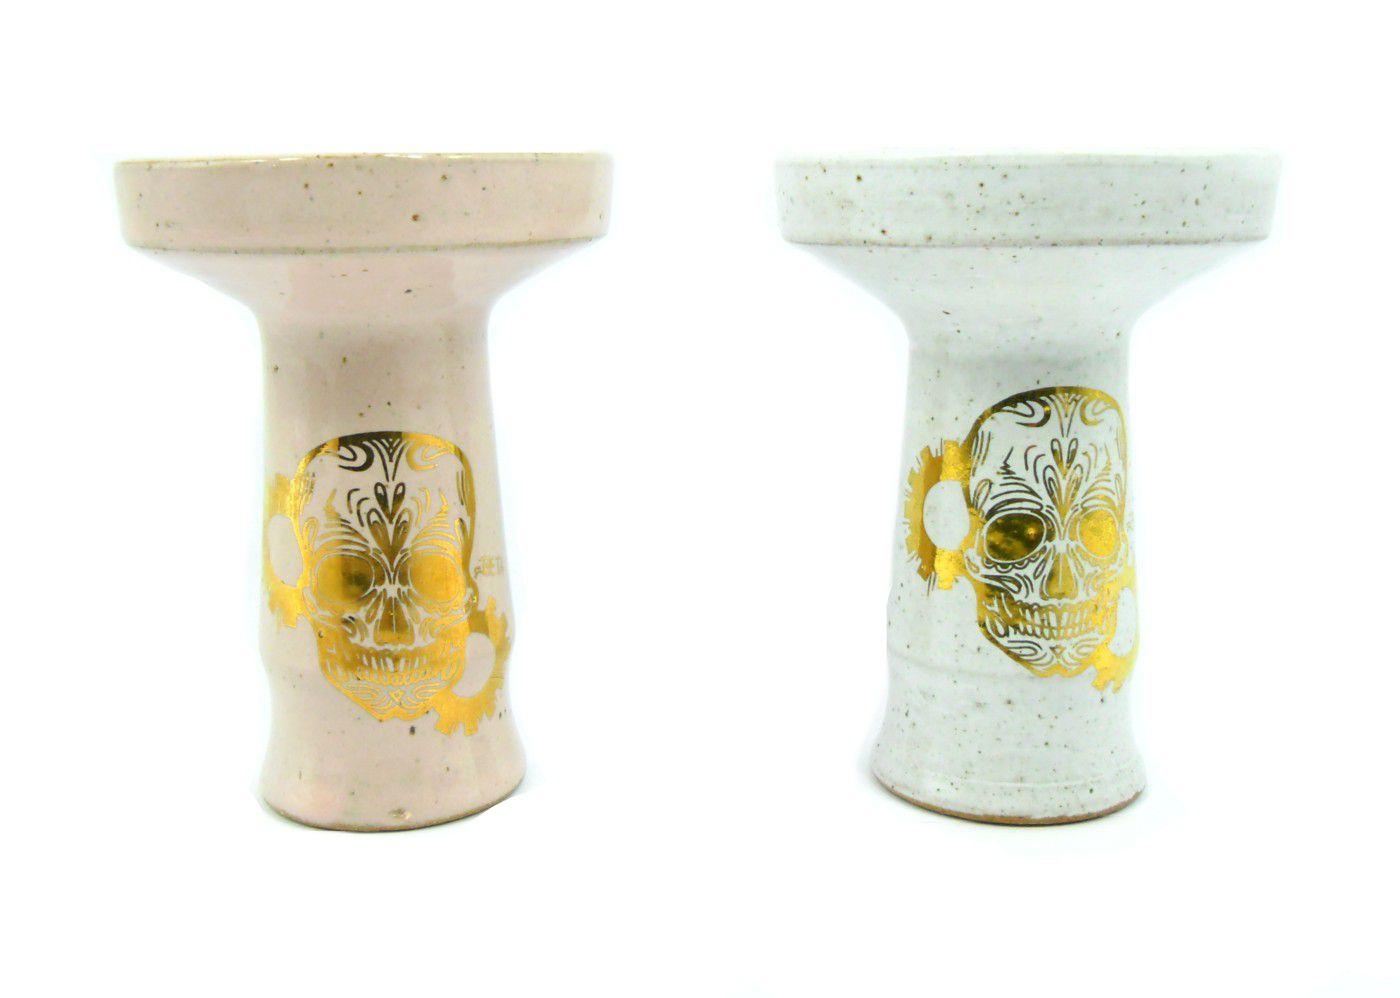 Fornilho/Rosh BETA c/ desenhos DOURADOS, cerâmica refratária. 10cm altura, 7,3cm bocal.